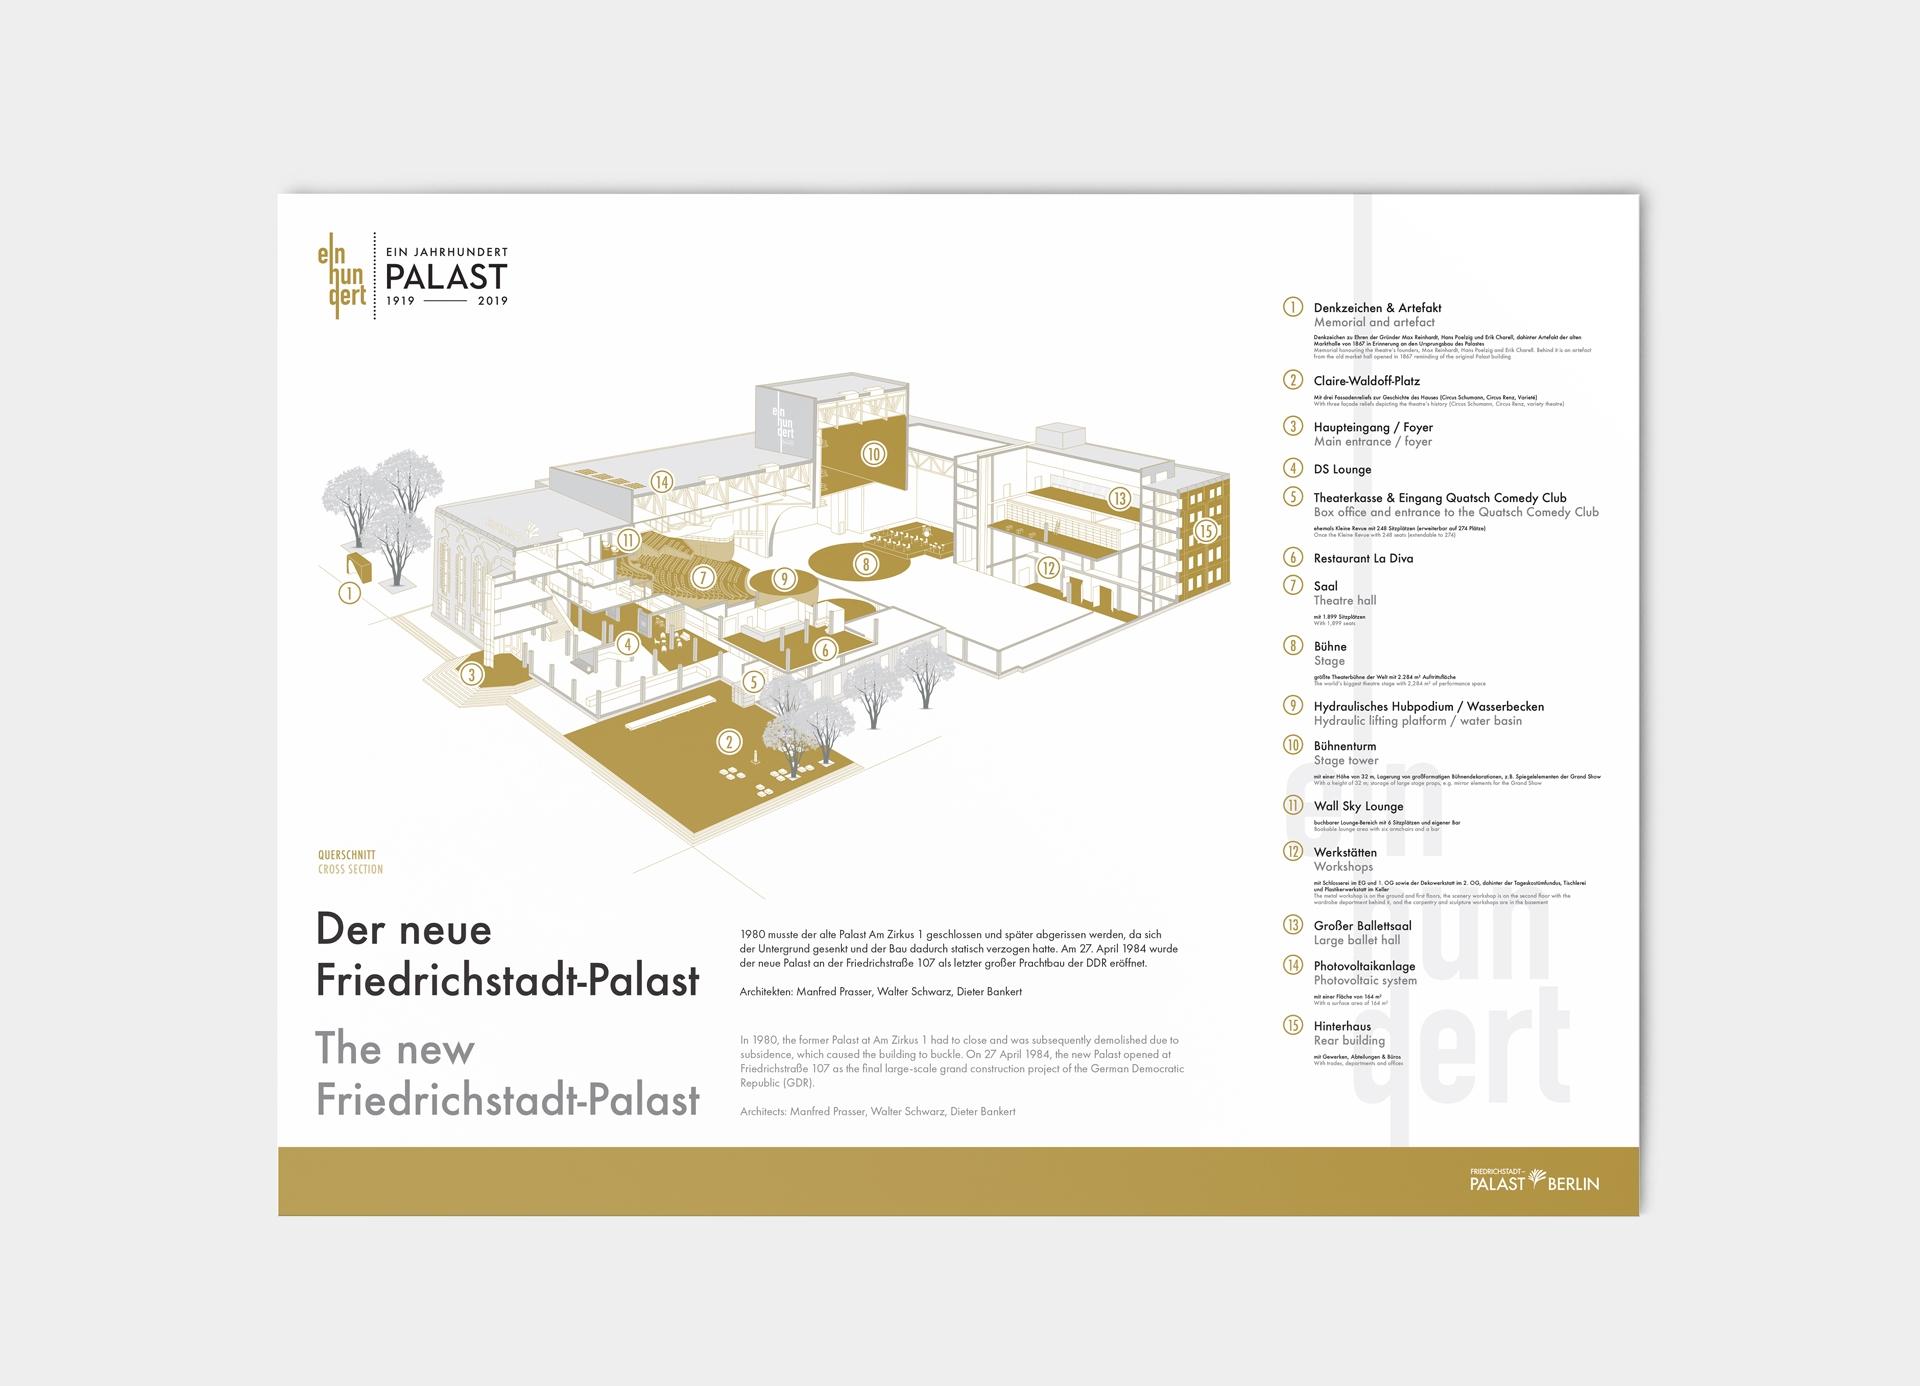 Karte der Friedrich-Stradt-Palast Veranstaltung mit Legende im neuen Design.